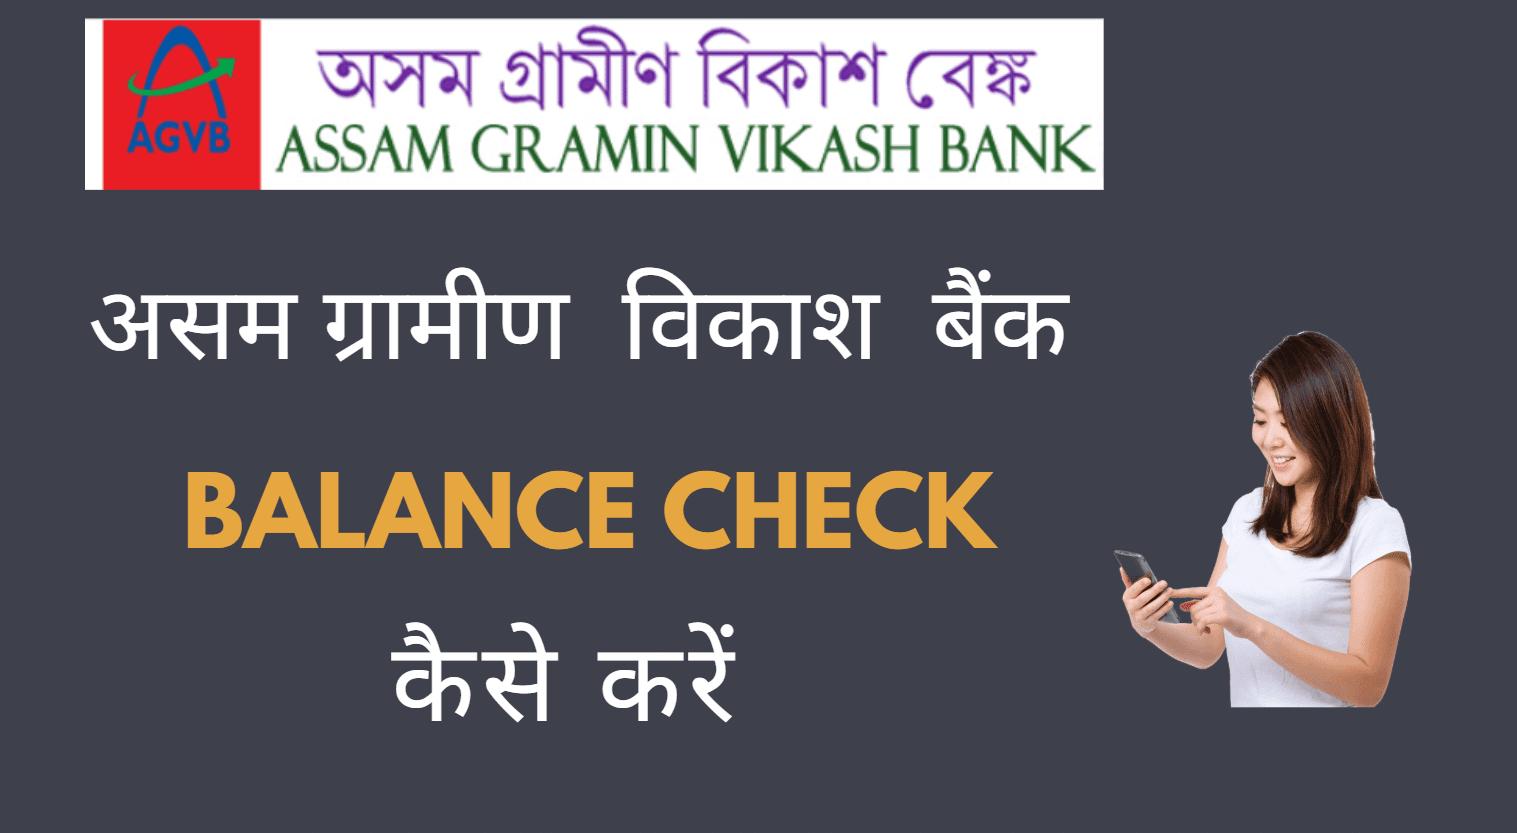 assam gramin vikash bank balance check number